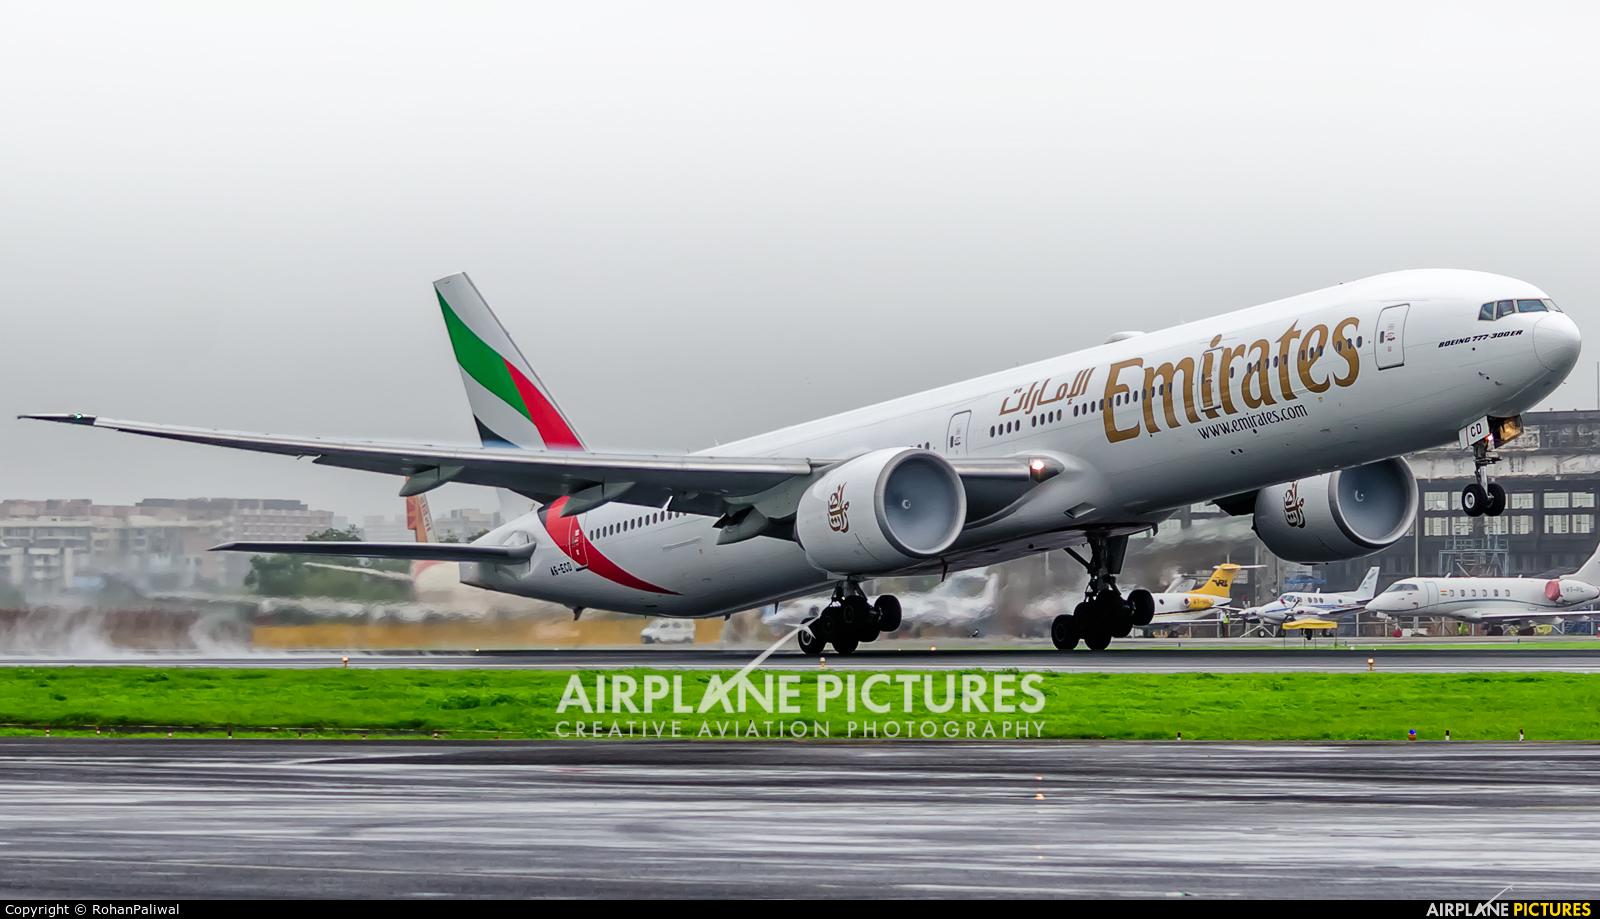 Emirates Airlines A6-ECD aircraft at Mumbai - Chhatrapati Shivaji Intl